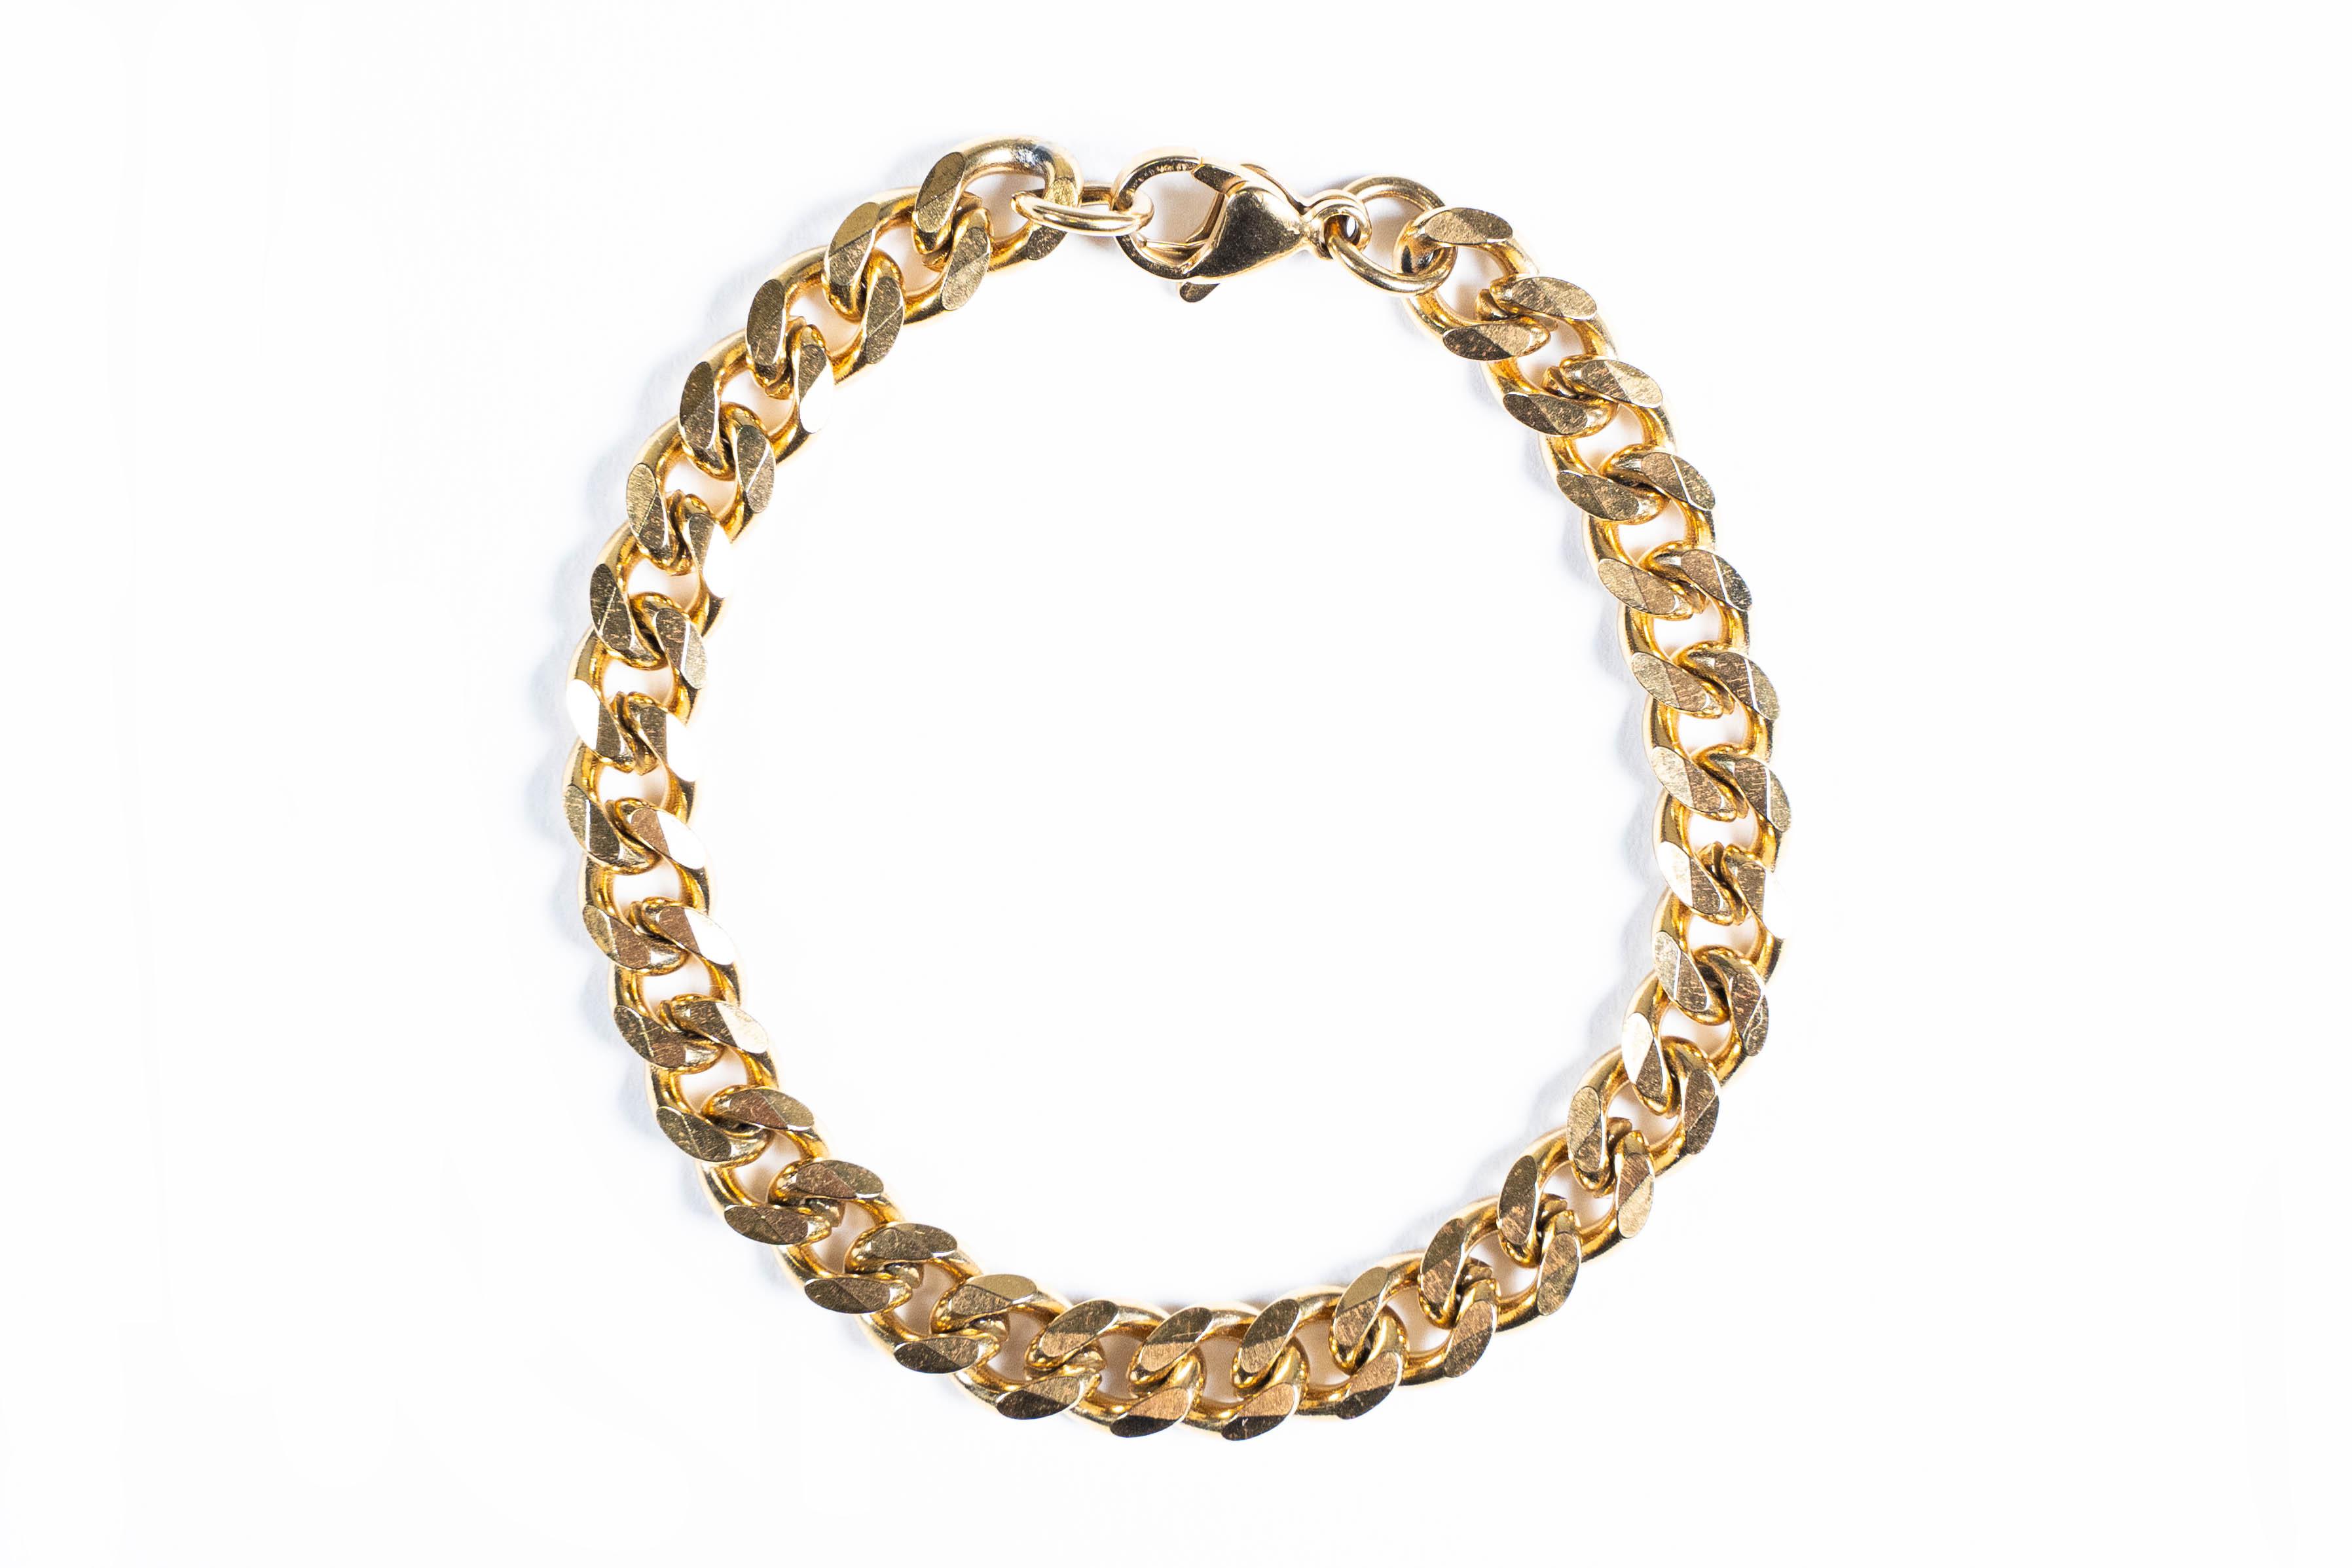 【316L chain bracelet】 / GOLD